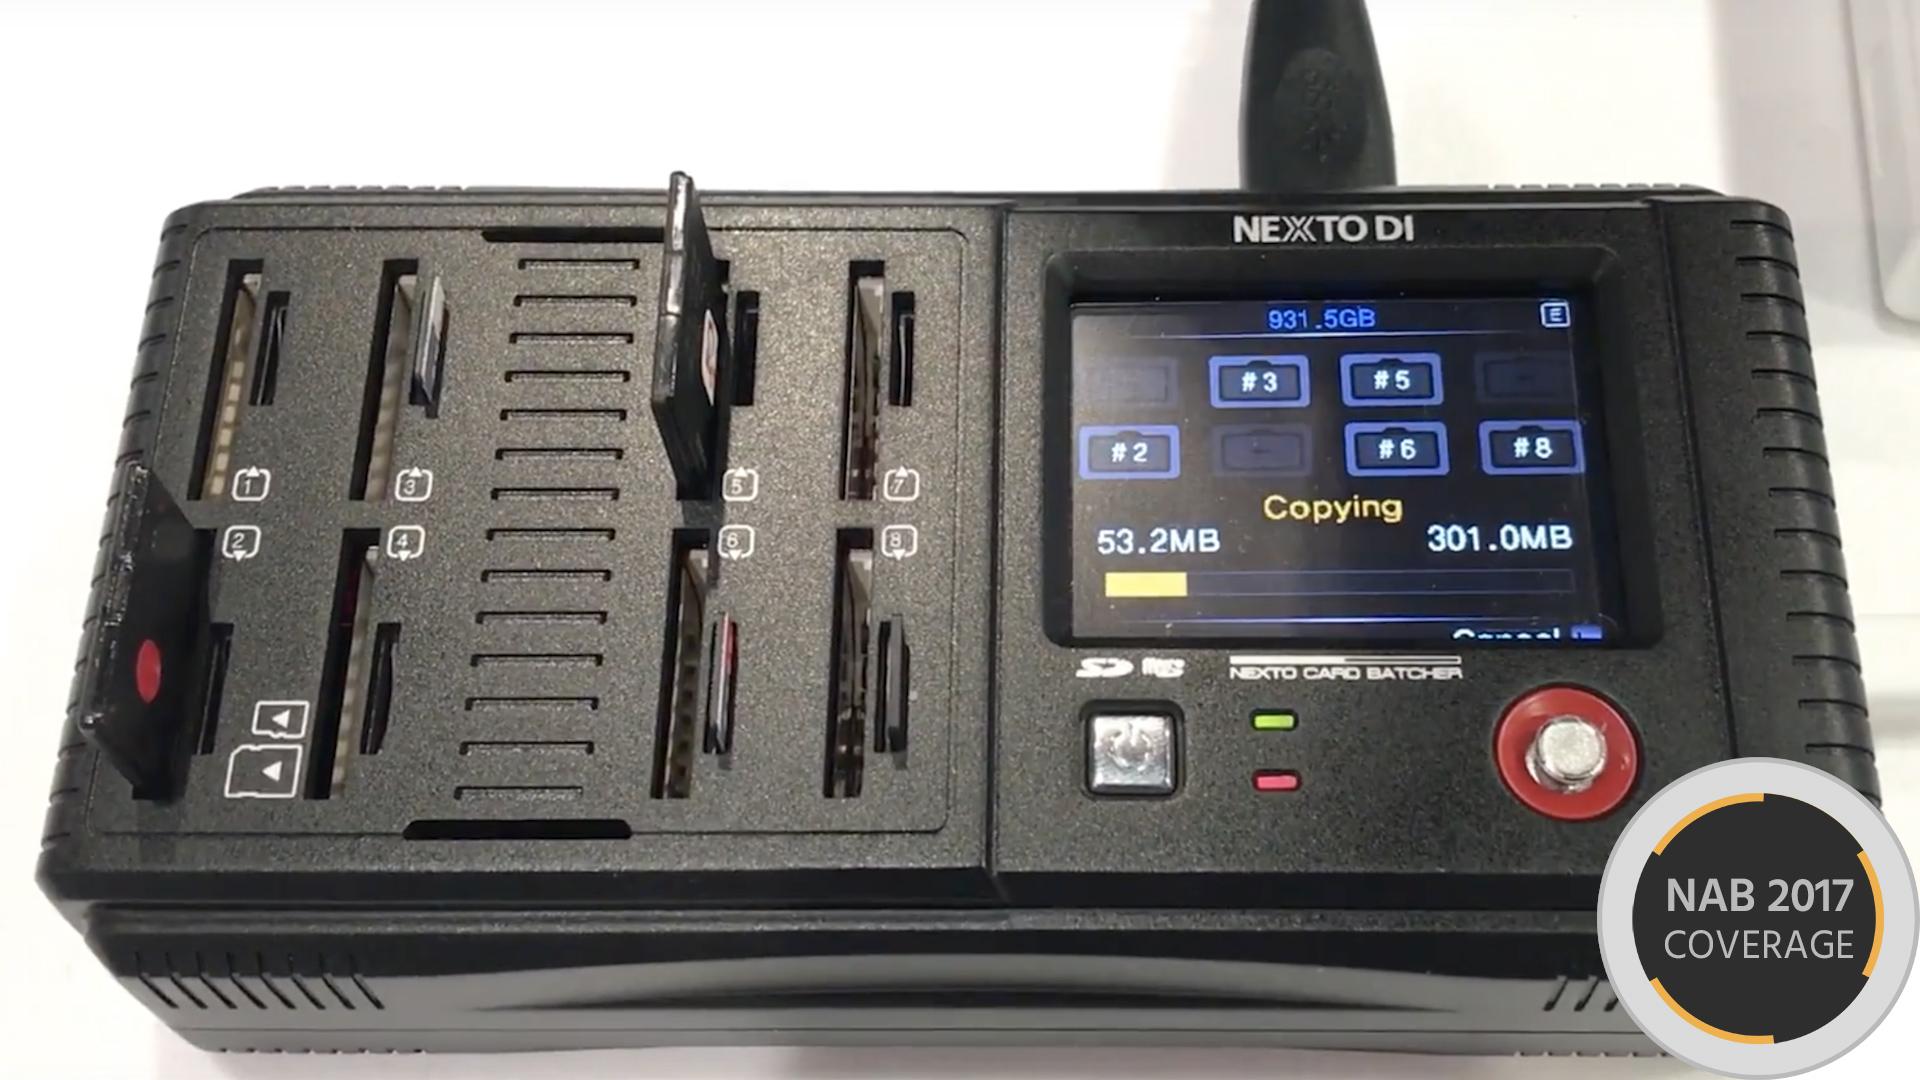 NEXTOがNCB-20 Card Batcherを発表 ➖ 各種メディアに対応するバックアップストレージ